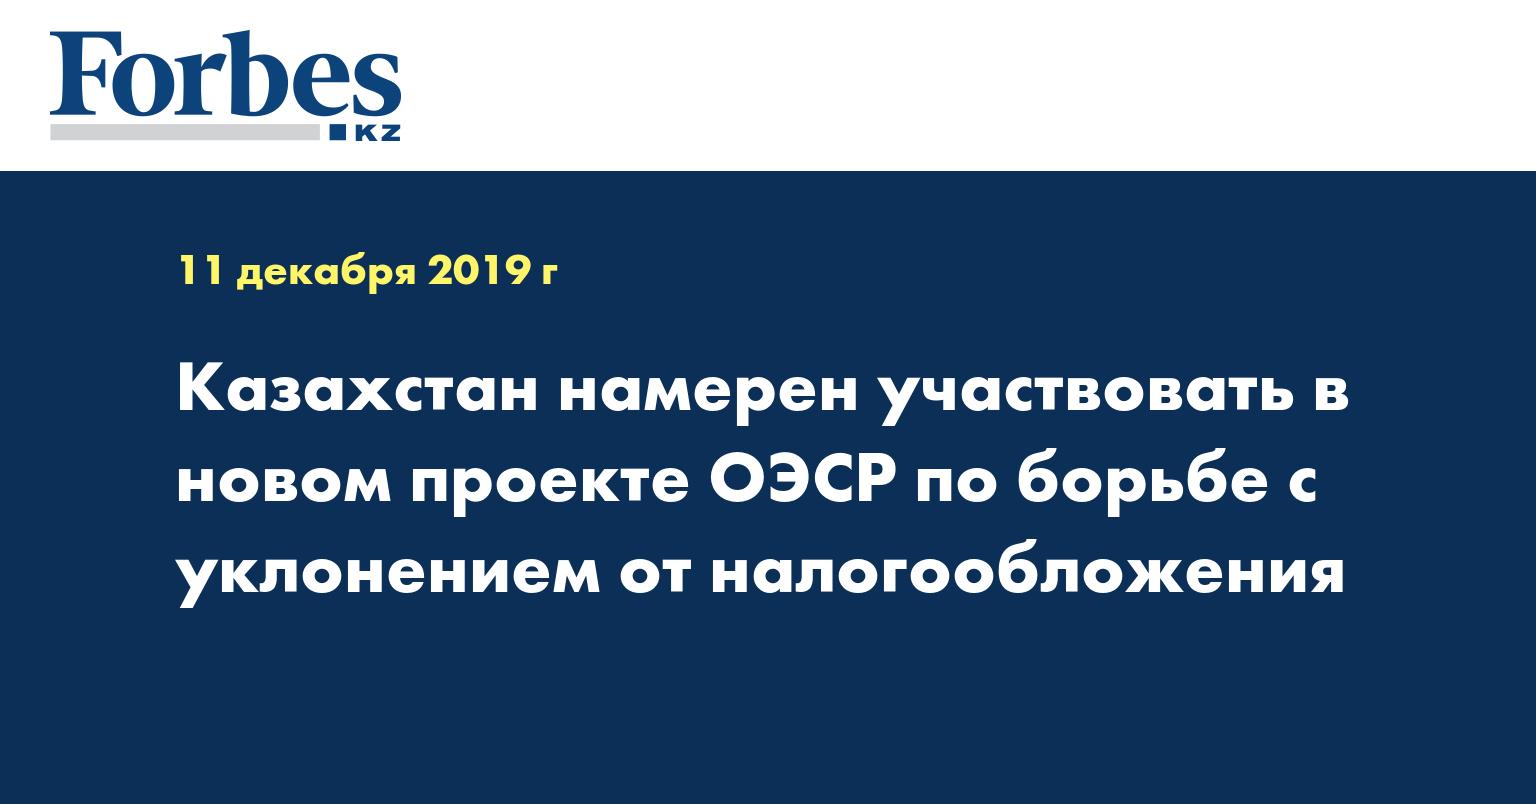 Казахстан намерен участвовать в новом проекте ОЭСР по борьбе с уклонением от налогообложения